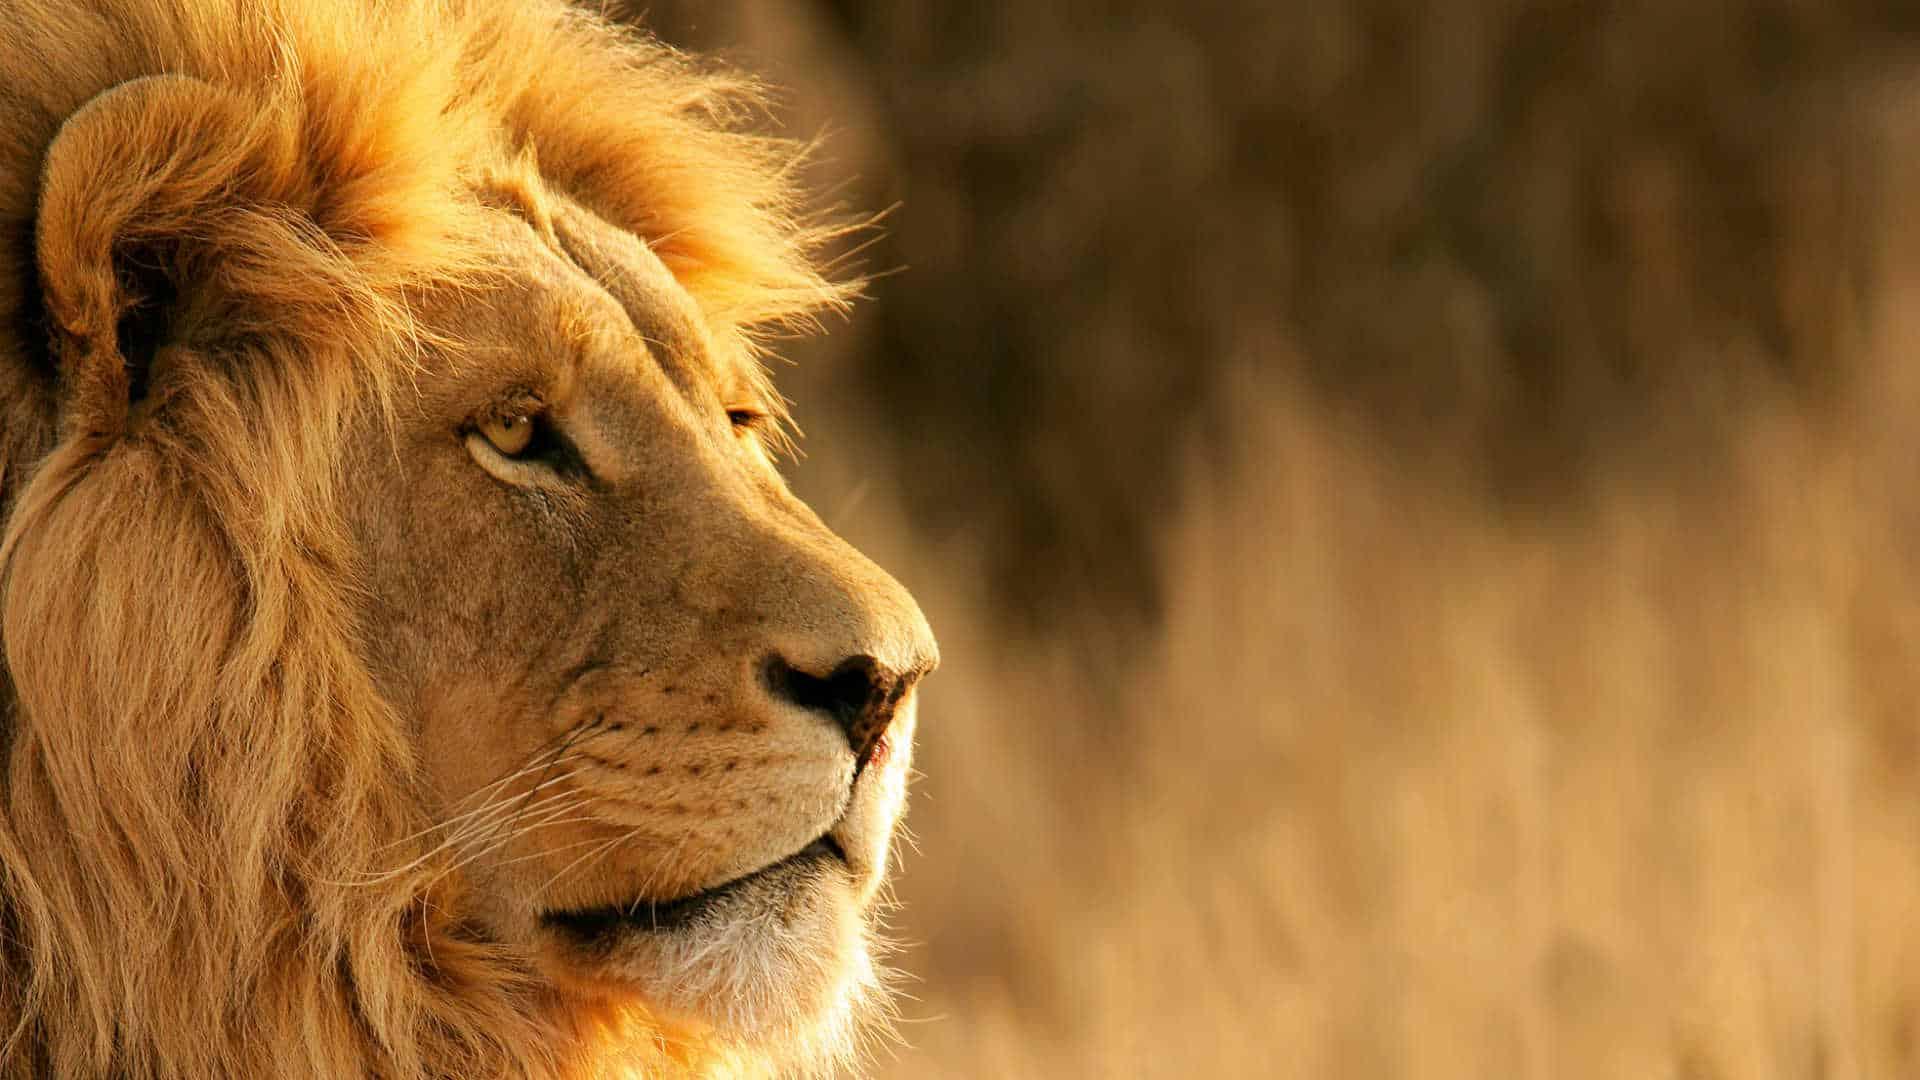 Kenya In Style 40769878 1554105069 Imagegallerylightboxlarge